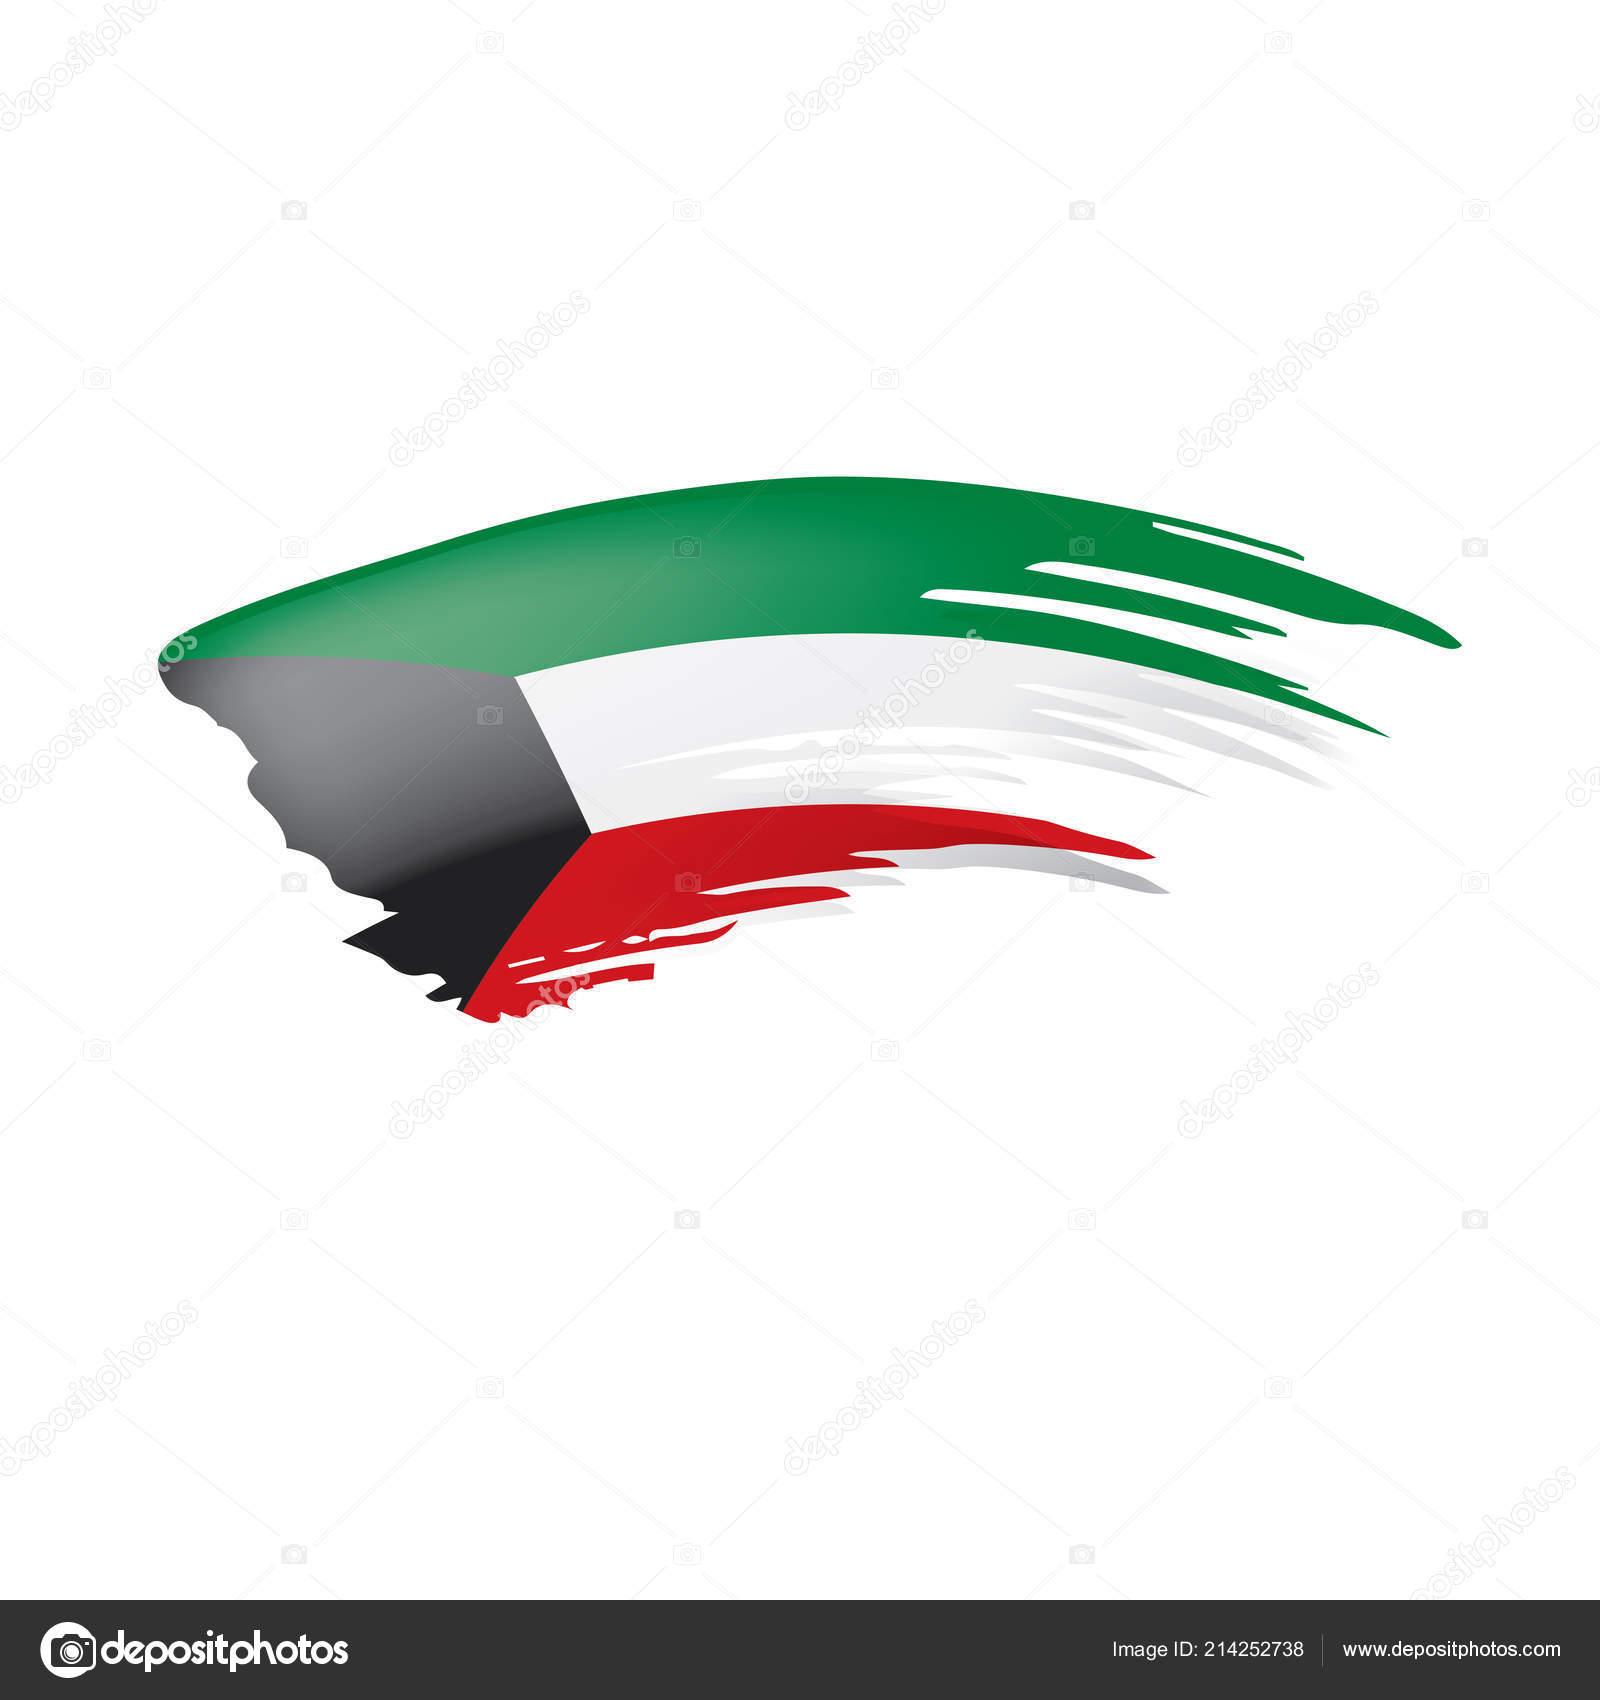 Kuwait Flag Vector Illustration On A White Background Stock Vector C Artbutenkov 214252738